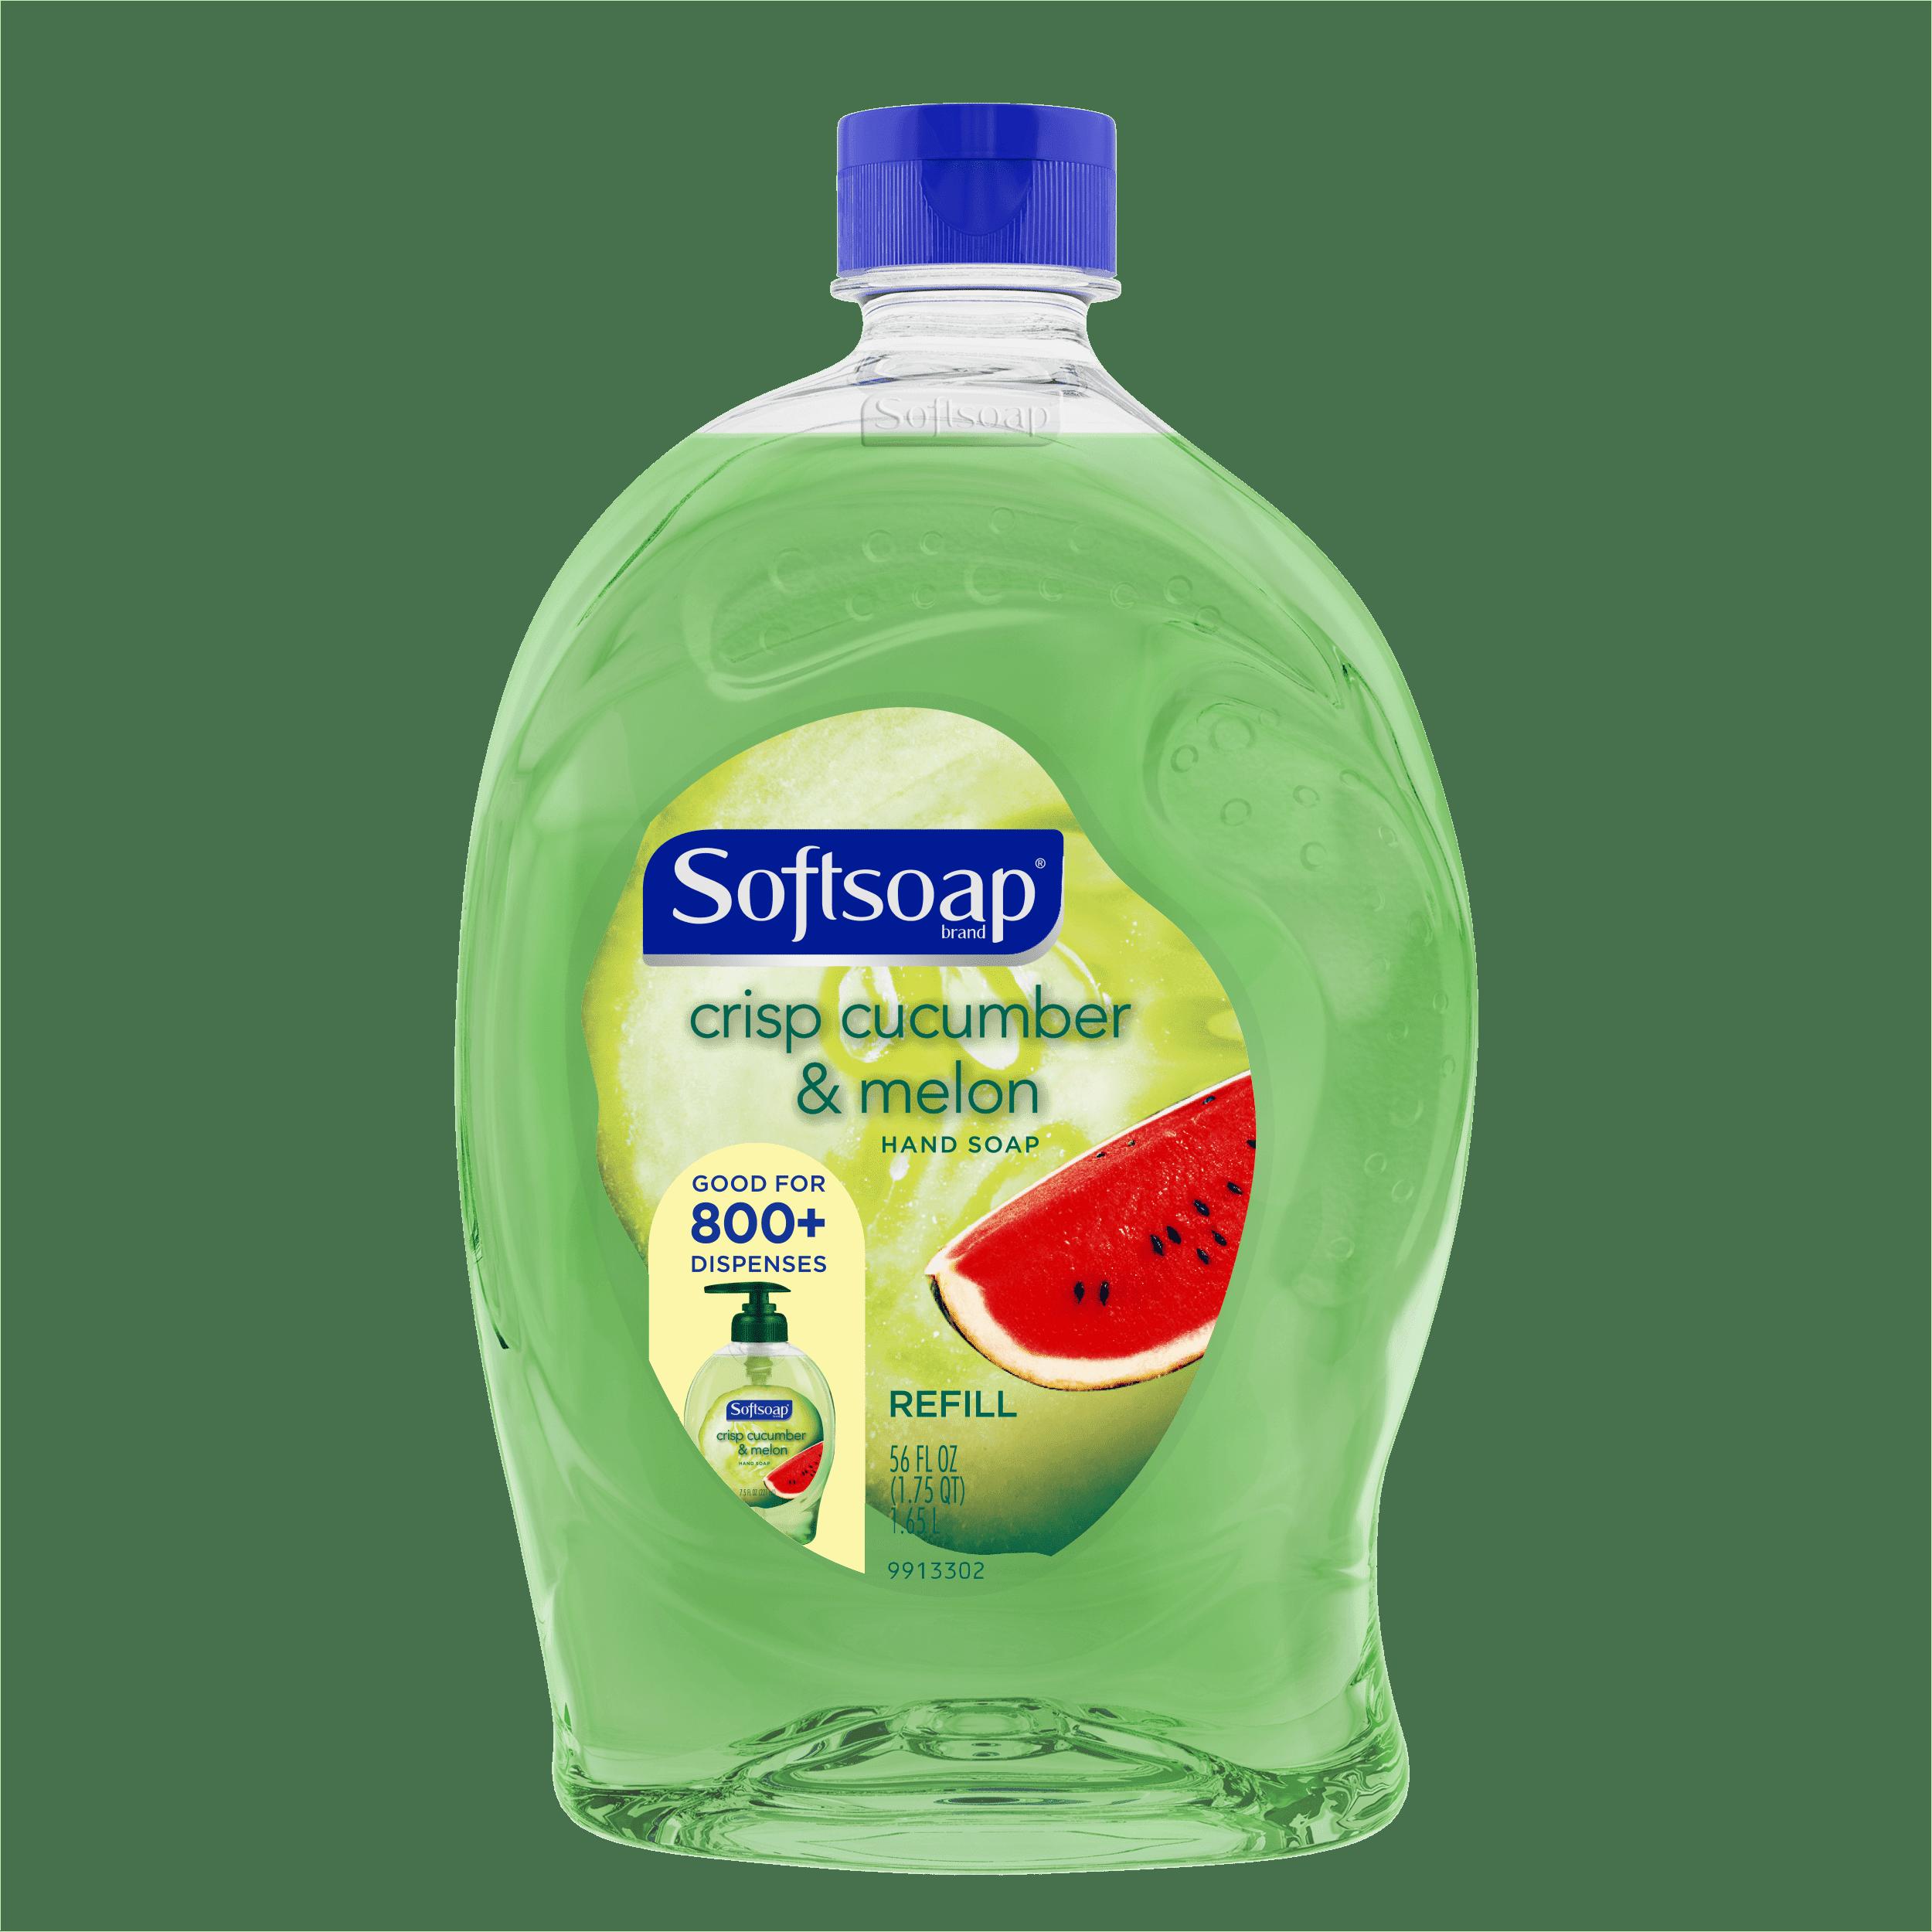 (2 pack) Softsoap Liquid Hand Soap Refill, Crisp Cucumber & Melon, 56 Oz